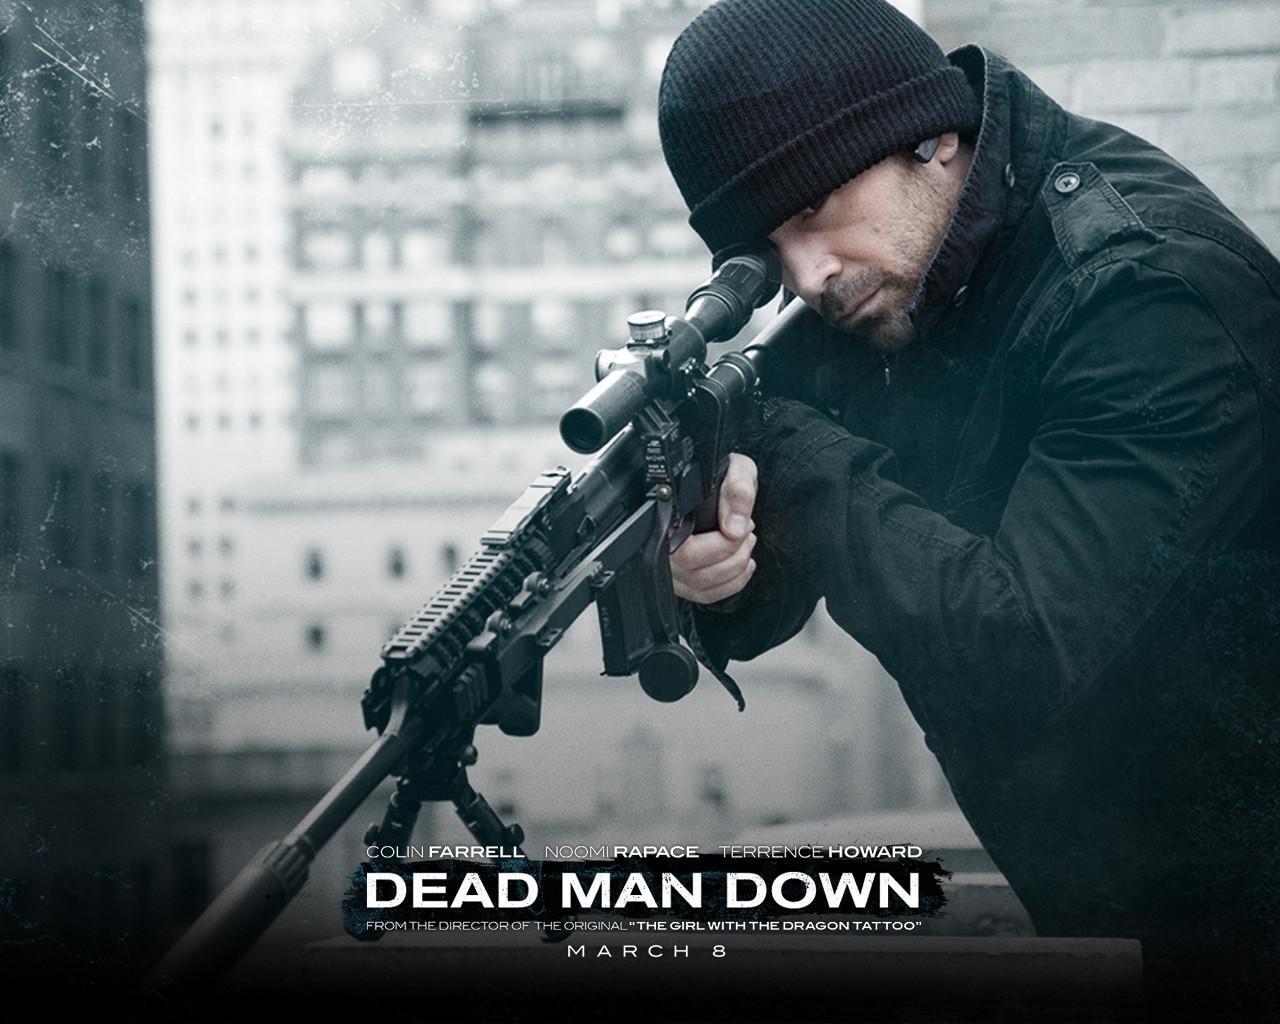 Dead Man Down Movie Wallpapers: Sección Visual De Dead Man Down (La Venganza Del Hombre